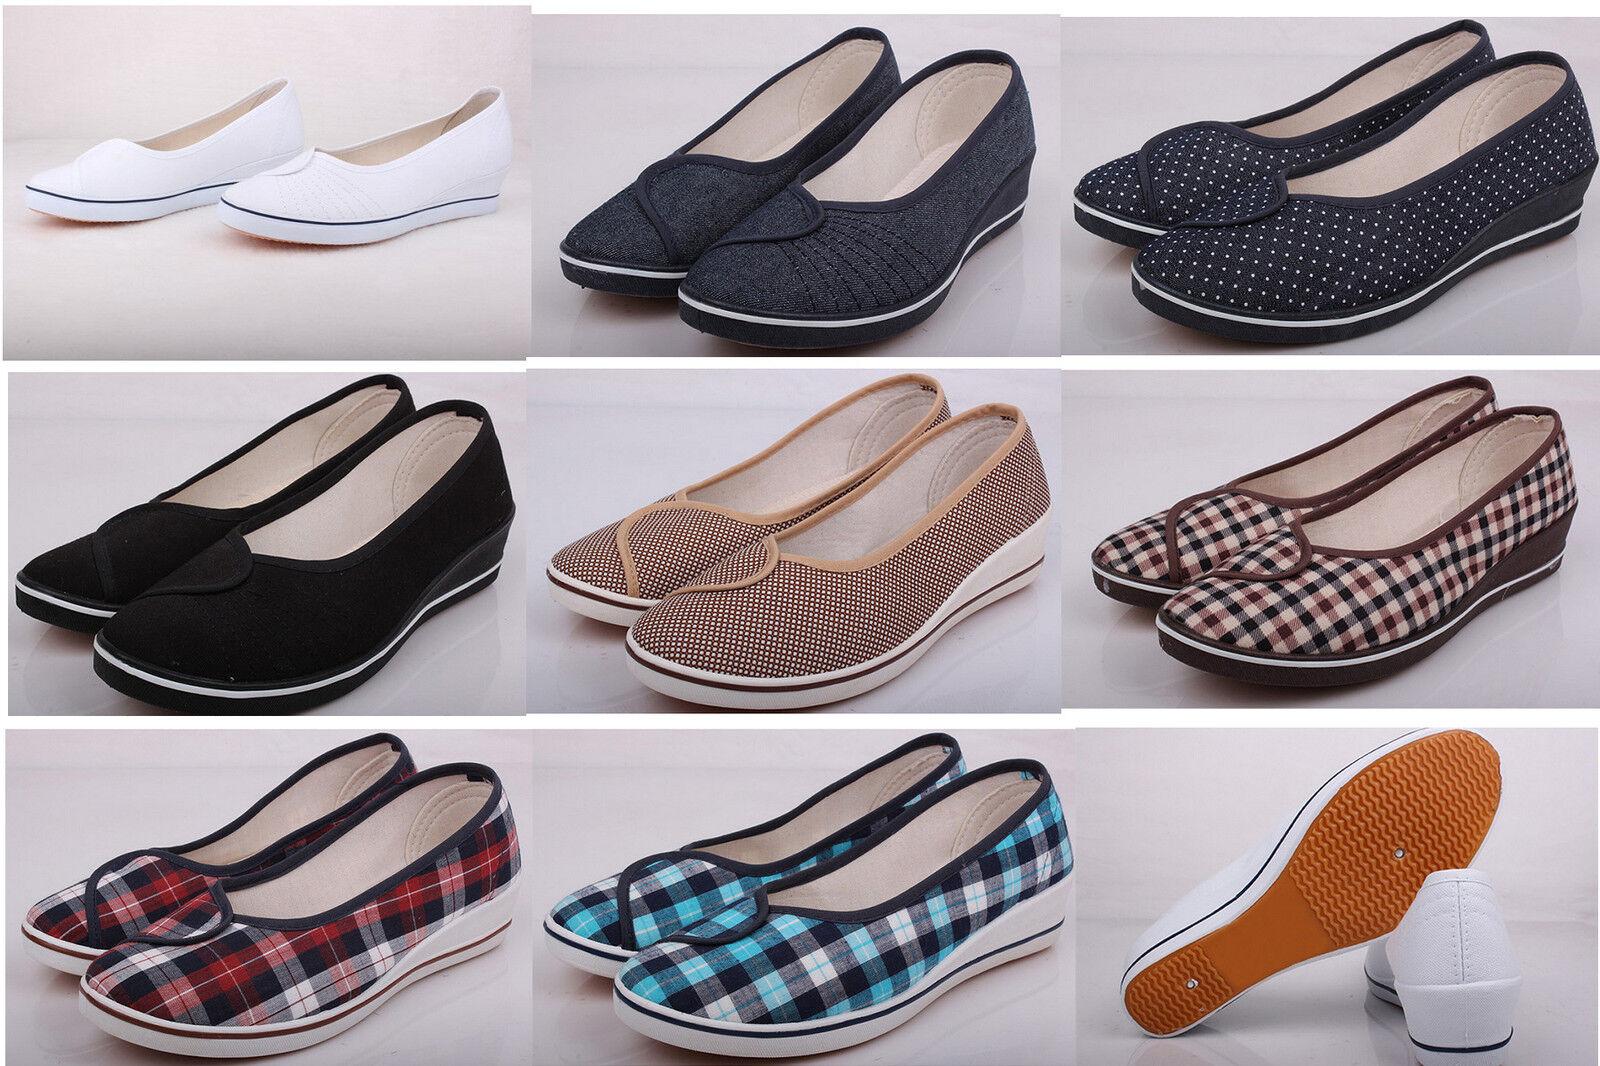 Fulinken Women's canvas slip on loafers ballet flats wedges shoes ladies heels